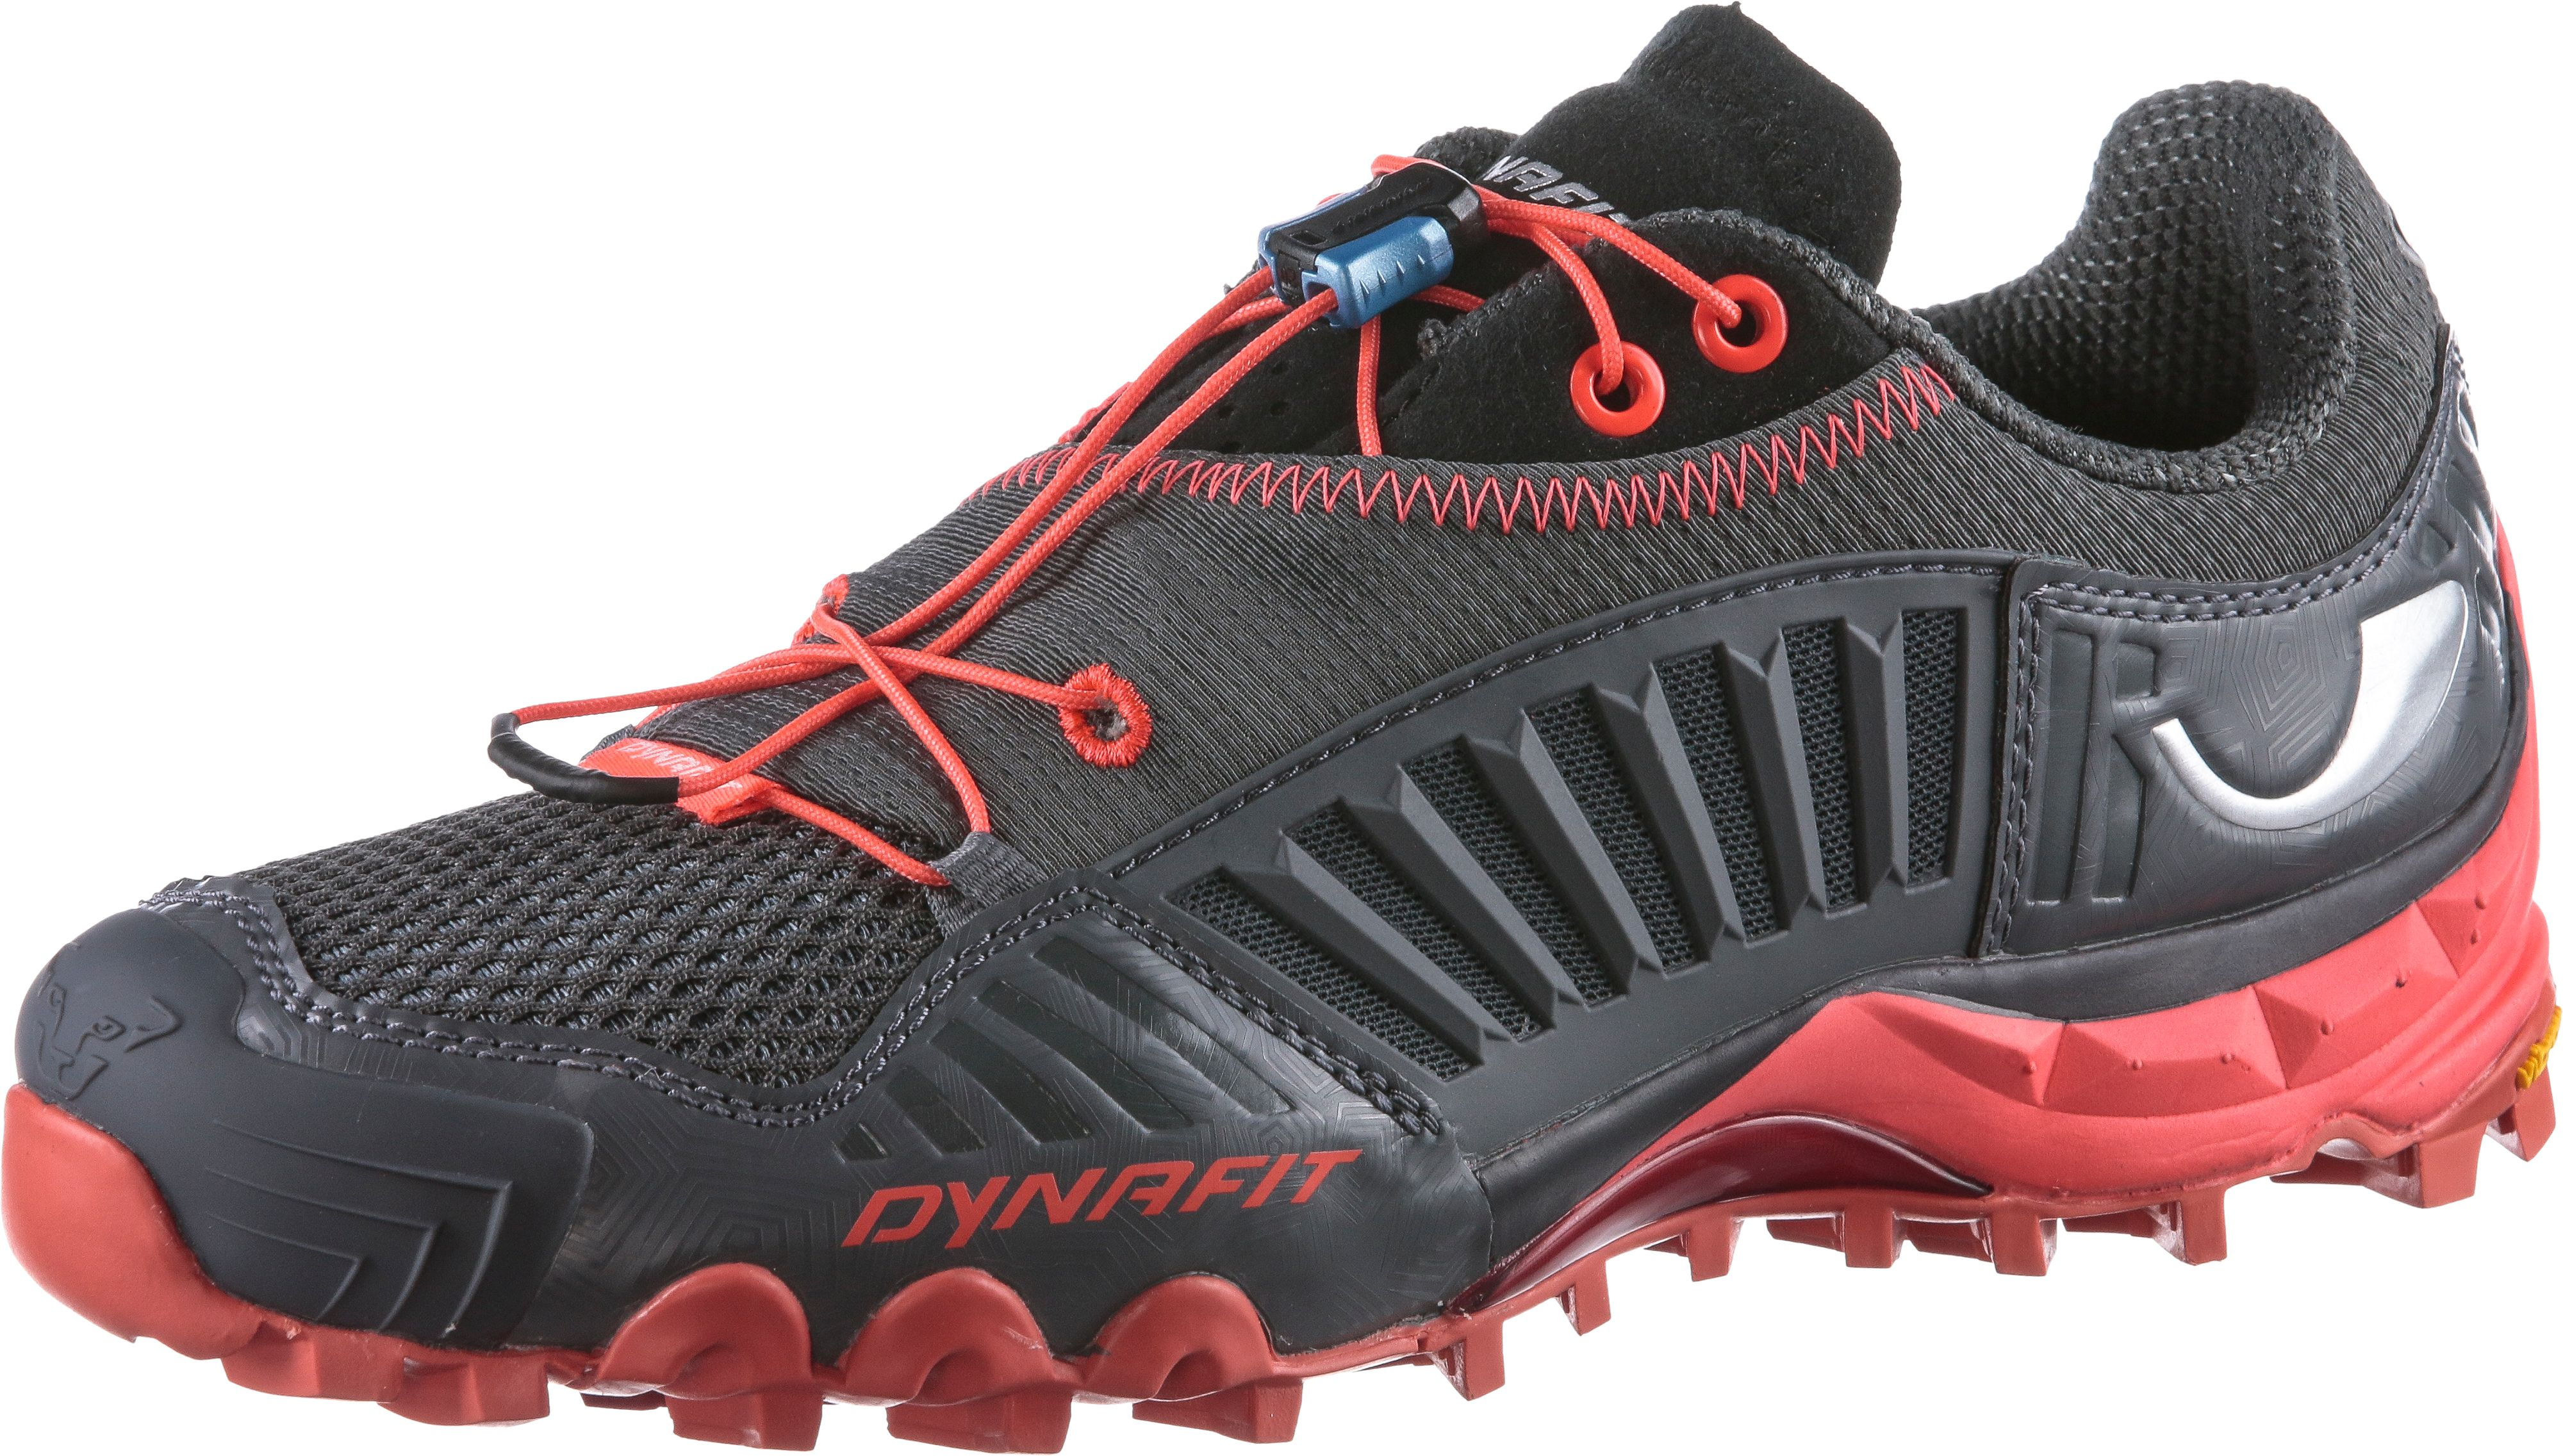 Dynafit ALPINE PRO W Mountain Running Schuhe Damen, black outmalta,Größen: 37, 38, 38 1/2, 39, 40 1/2, 40, 42